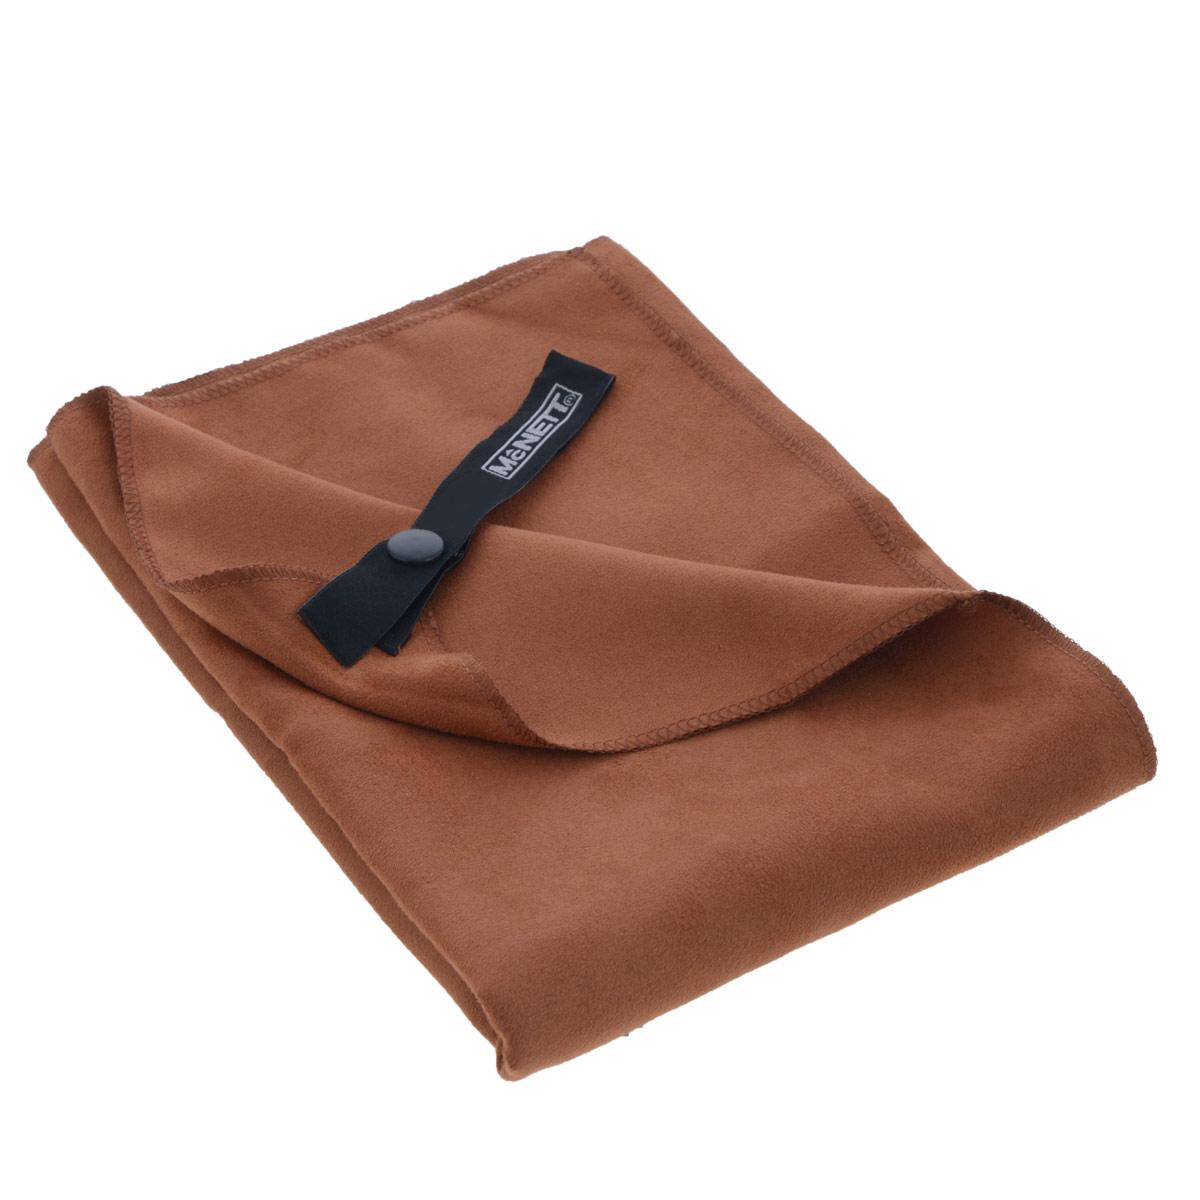 Полотенце McNett Outgo, цвет: терракот, 51 см х 102 смMN 68158Микроволоконное полотенце McNett Outgo - это специально разработанная высокоплотная вязаная чрезвычайно компактная ткань с абсолютно уникальными впитывающими и чистящими свойствами. Сверхтонкие (0.2 денье) микроволоконные сплетения быстро сохнут - 90% воды удаляется при ручном отжиме. Приятное на ощупь, обладающее уникальными свойствами микроволокон, полотенце McNett Outgo идеально подойдет любителям различных поездок, походов и водных видов спорта. В комплекте удобный чехол, выполненный из сетки с водоотталкивающей подкладкой.